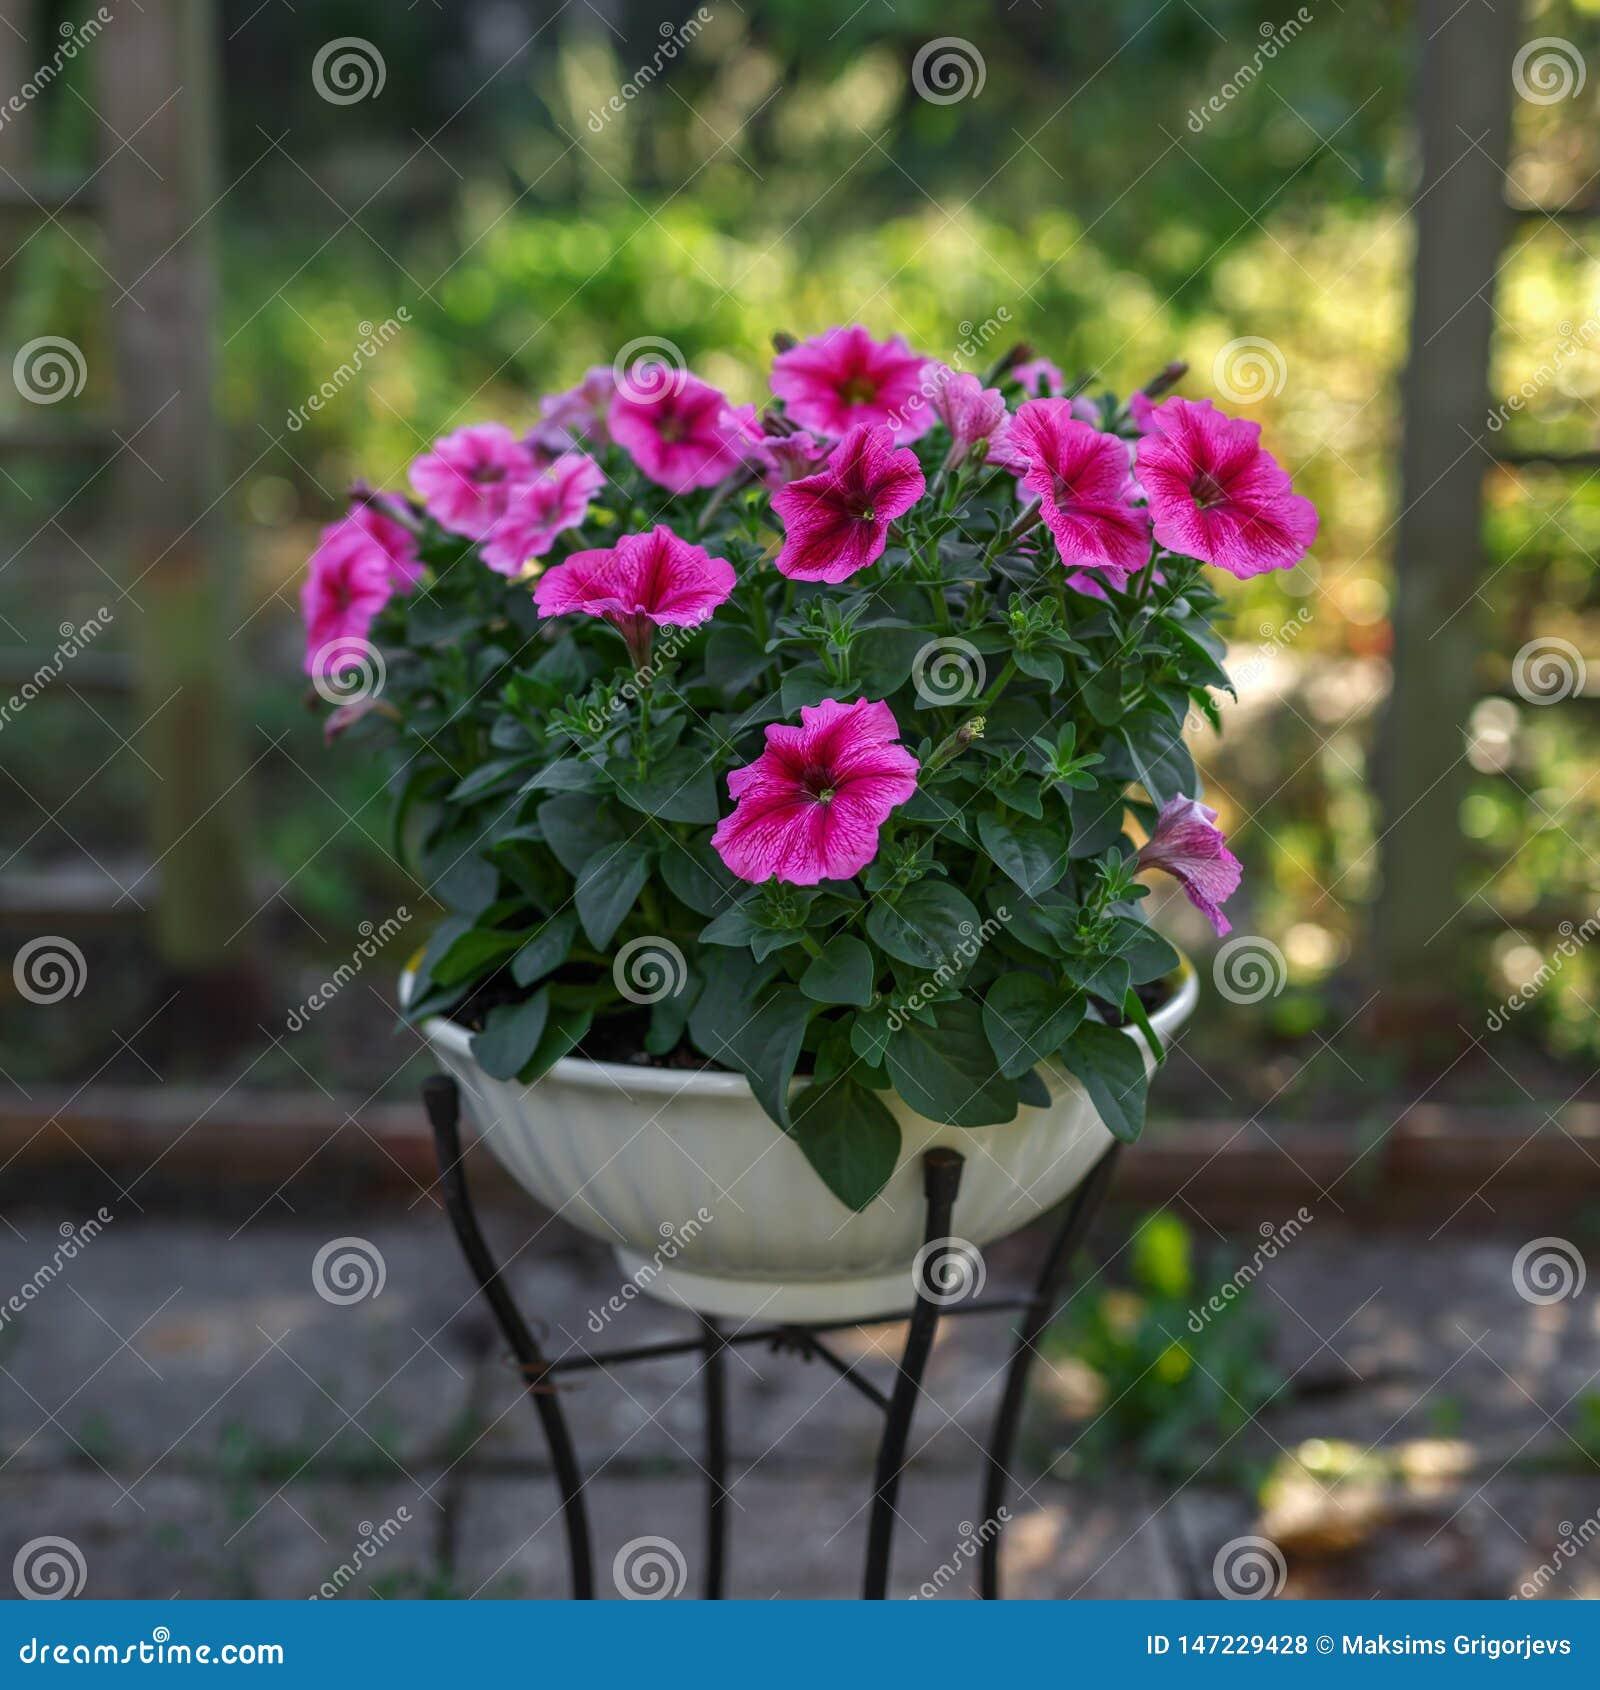 Roze petuniabloemen in vaas in tuin